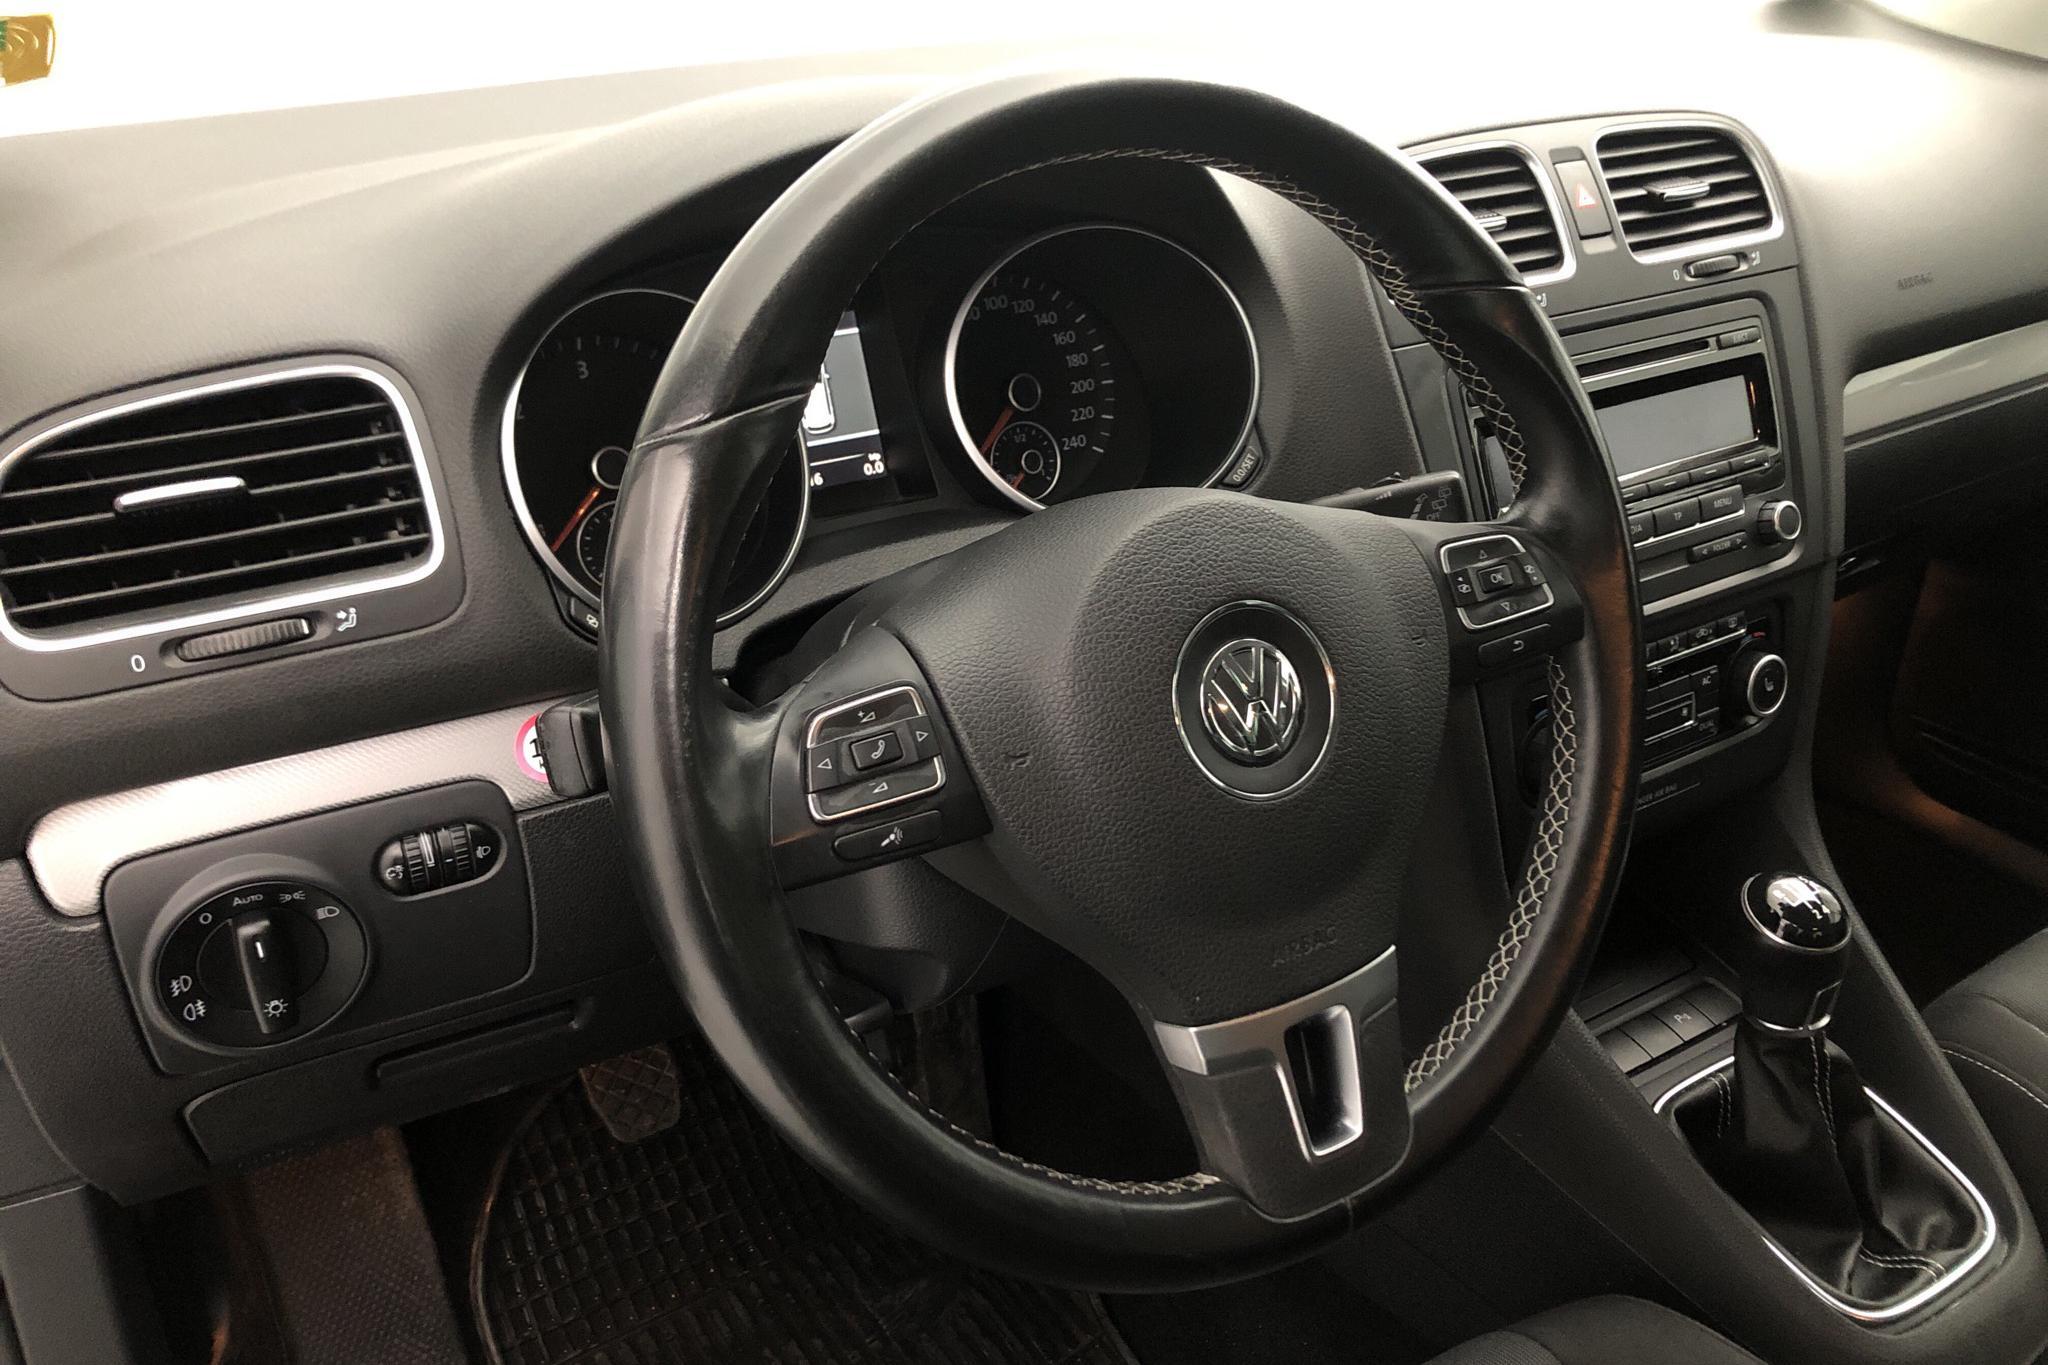 VW Golf VI 1.6 TDI BlueMotion 5dr (105hk) - 16 481 mil - Manuell - svart - 2012